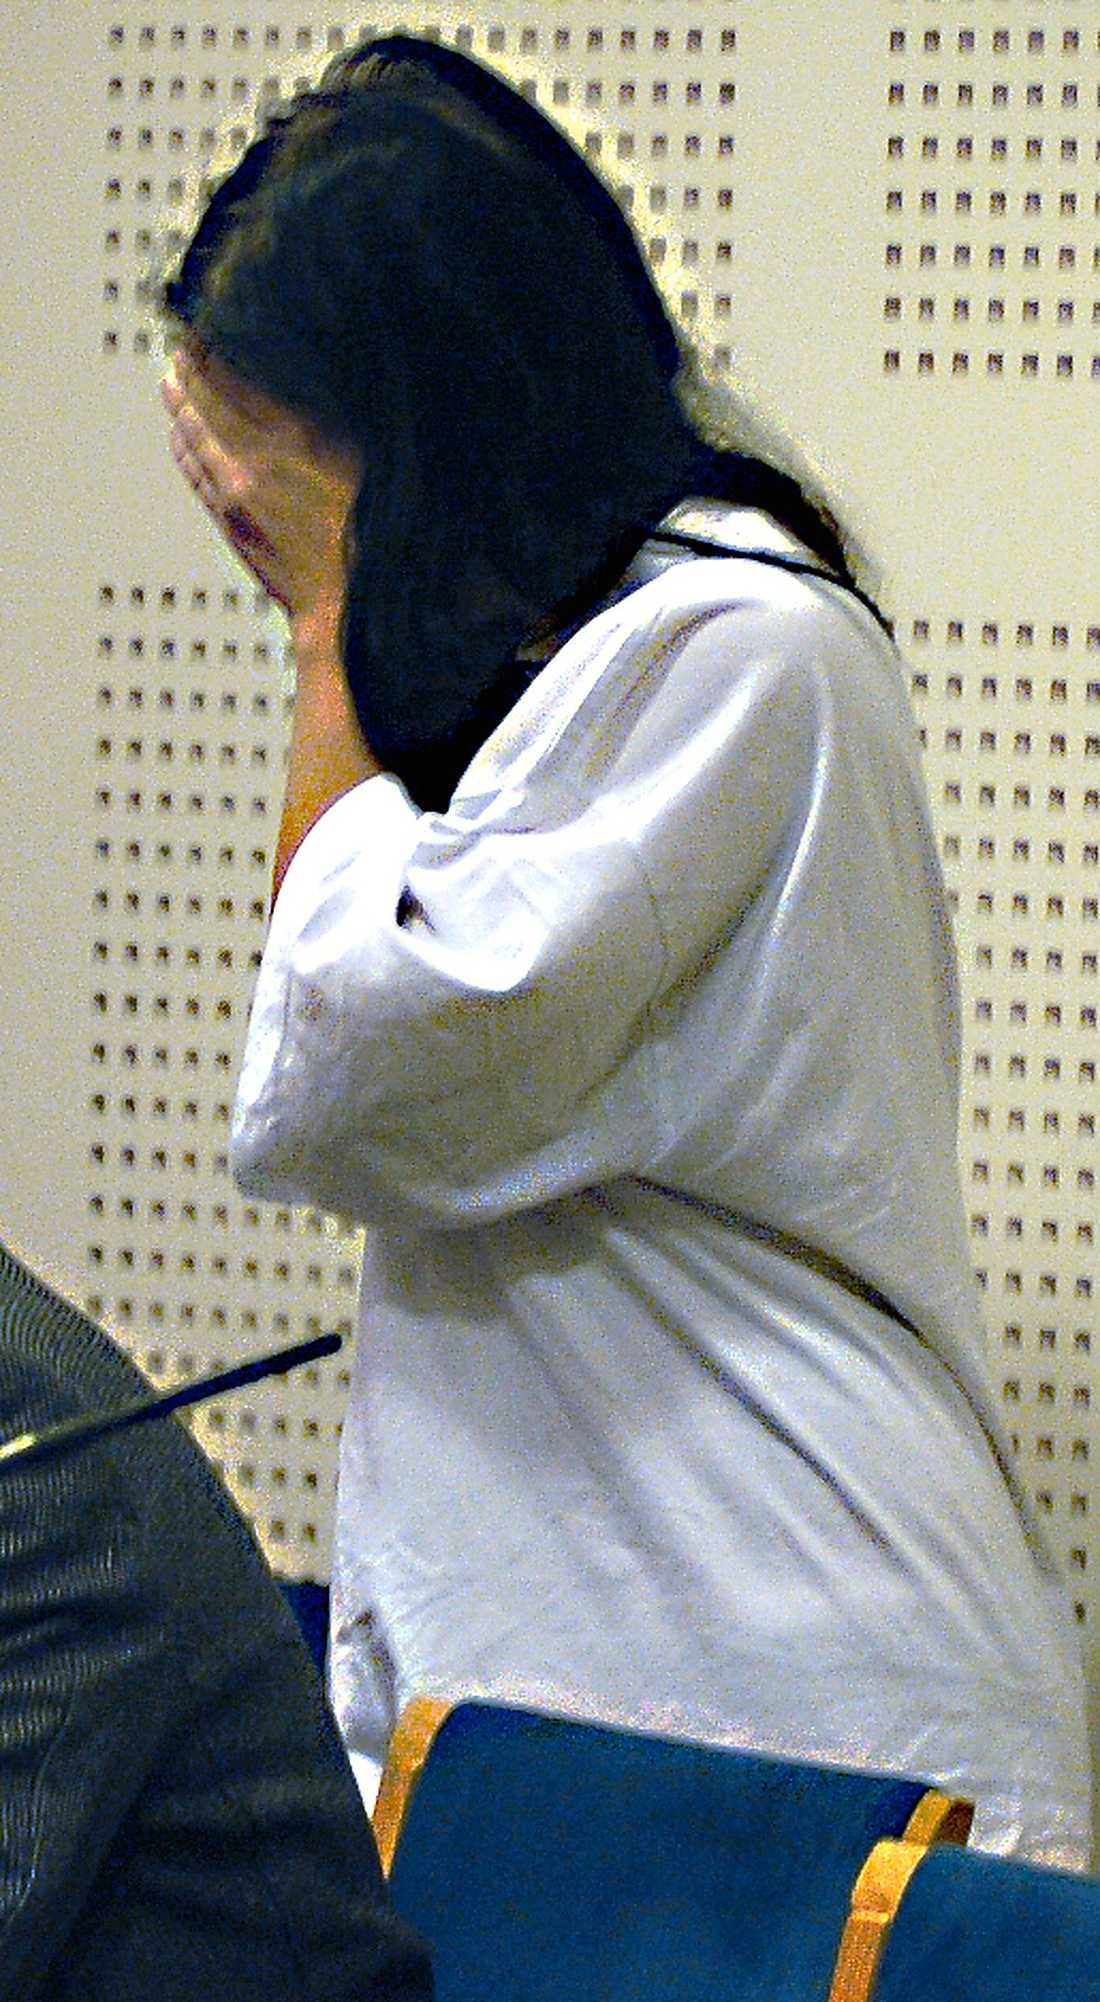 ÅTALAD Den 20-åriga kvinnan åtalas för mord alternativt medhjälp till mord.